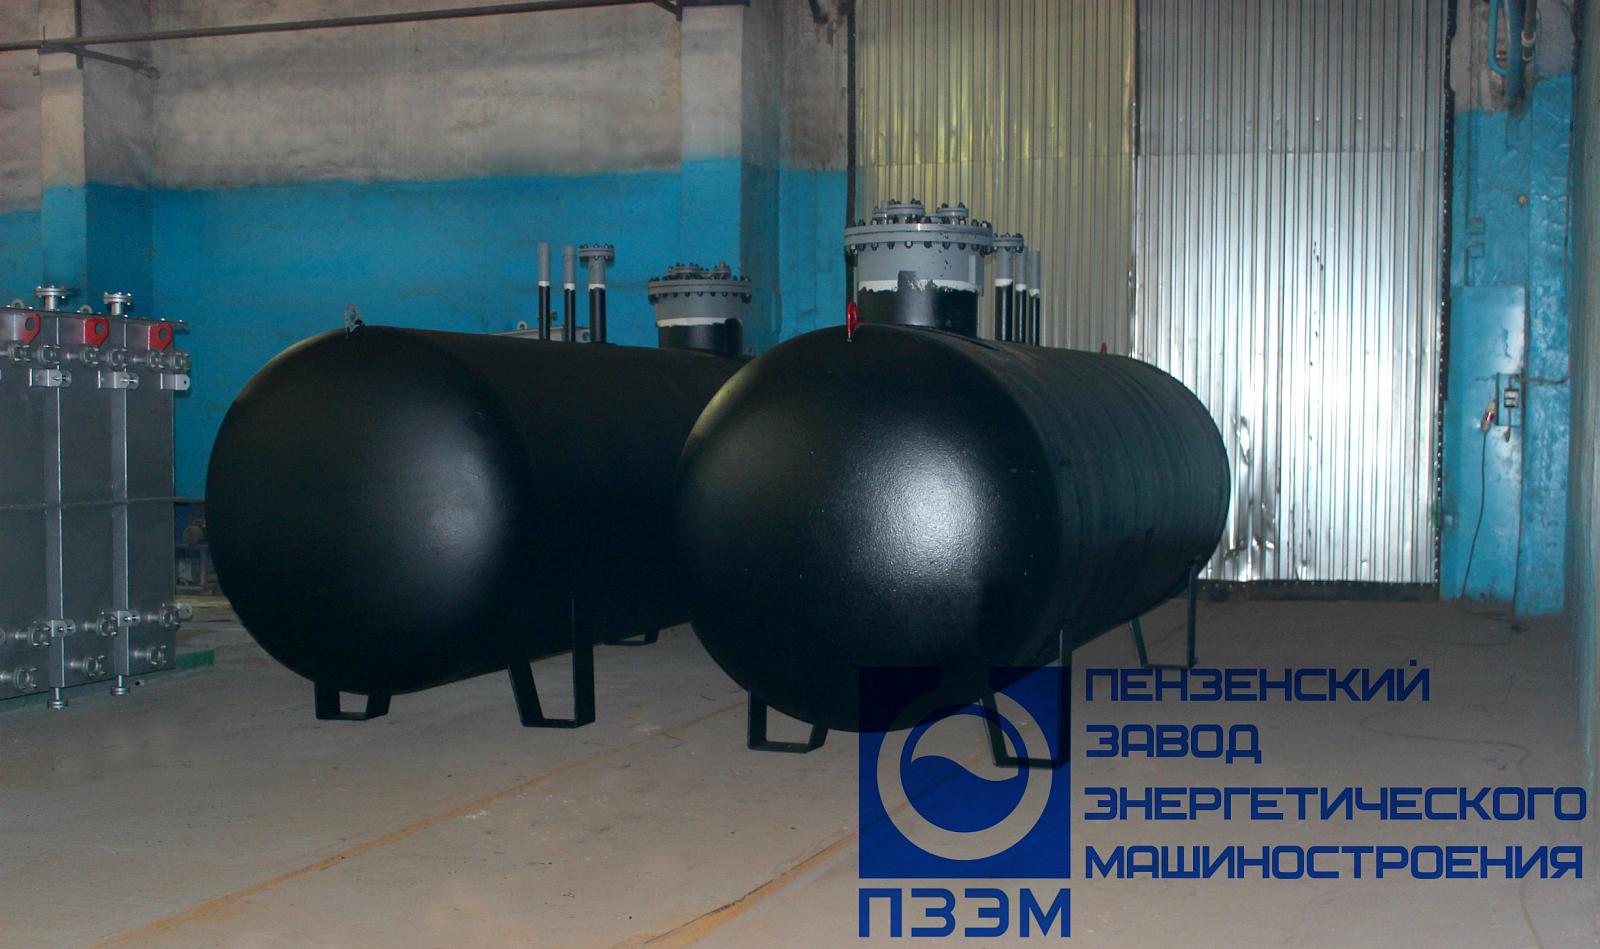 Пластинчатый теплообменник Thermowave thermolinePure TL-850 Набережные Челны